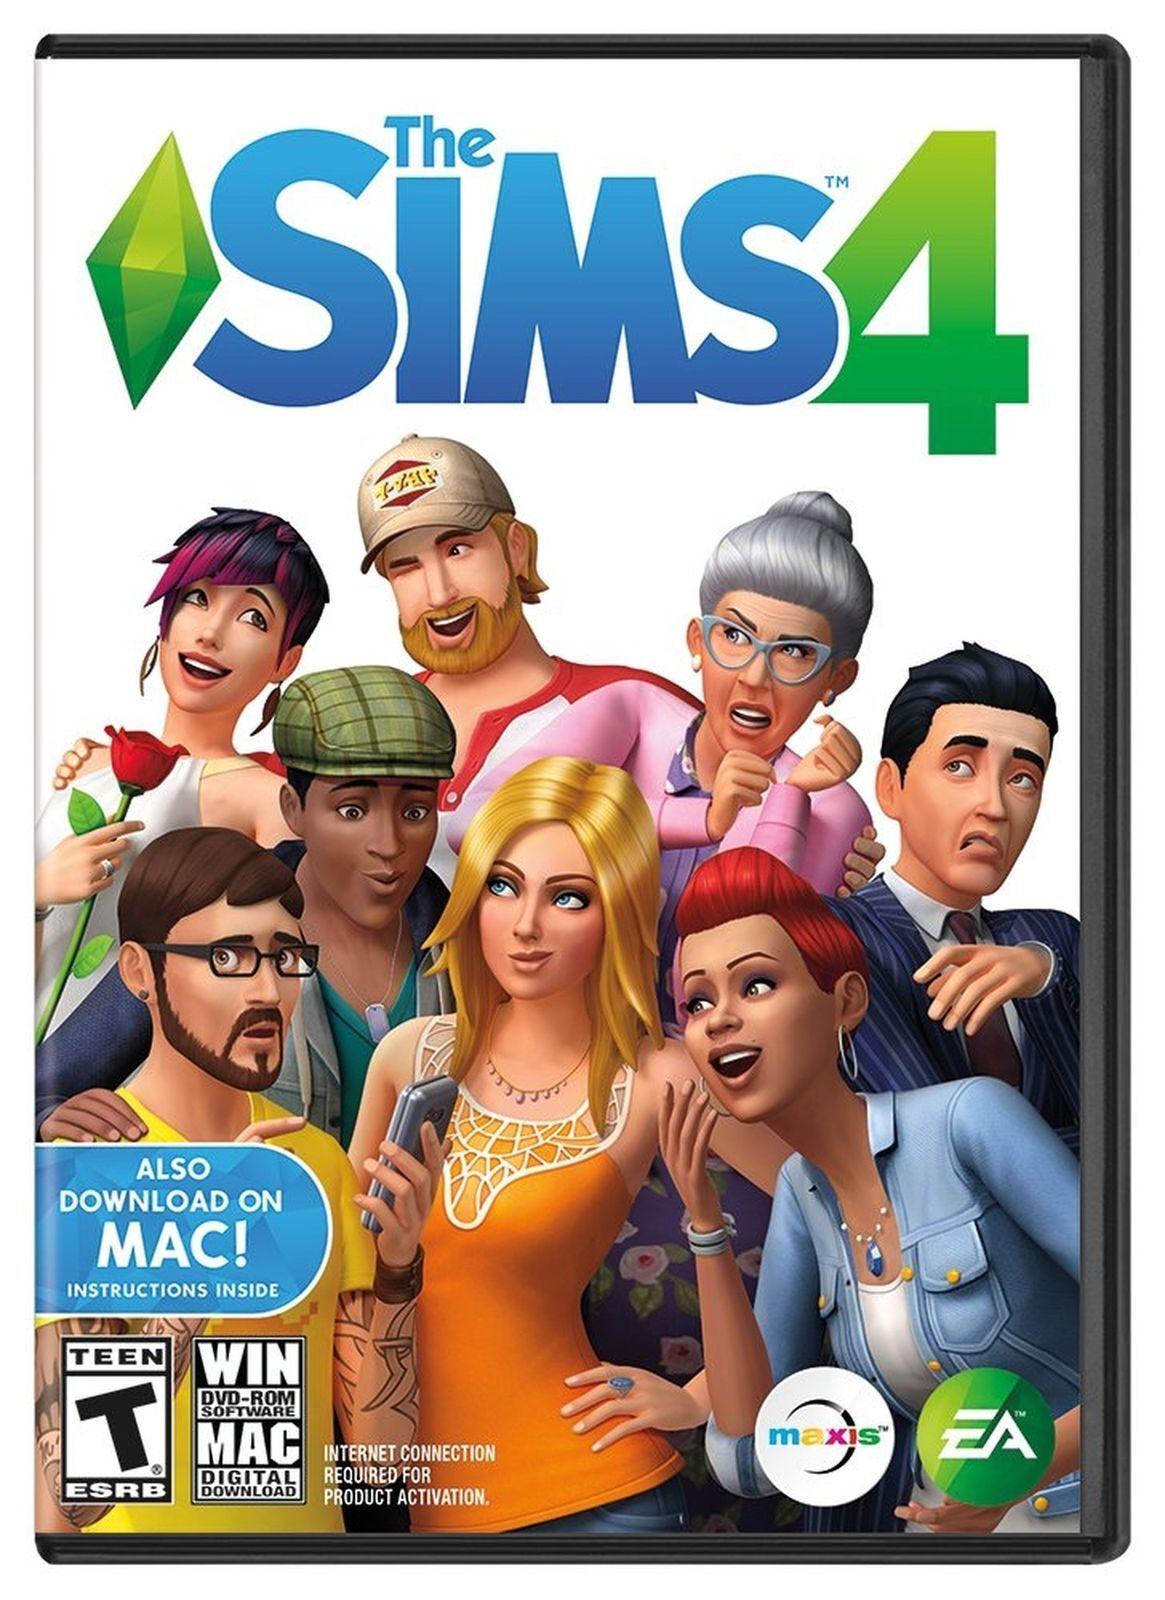 ea games free download mac